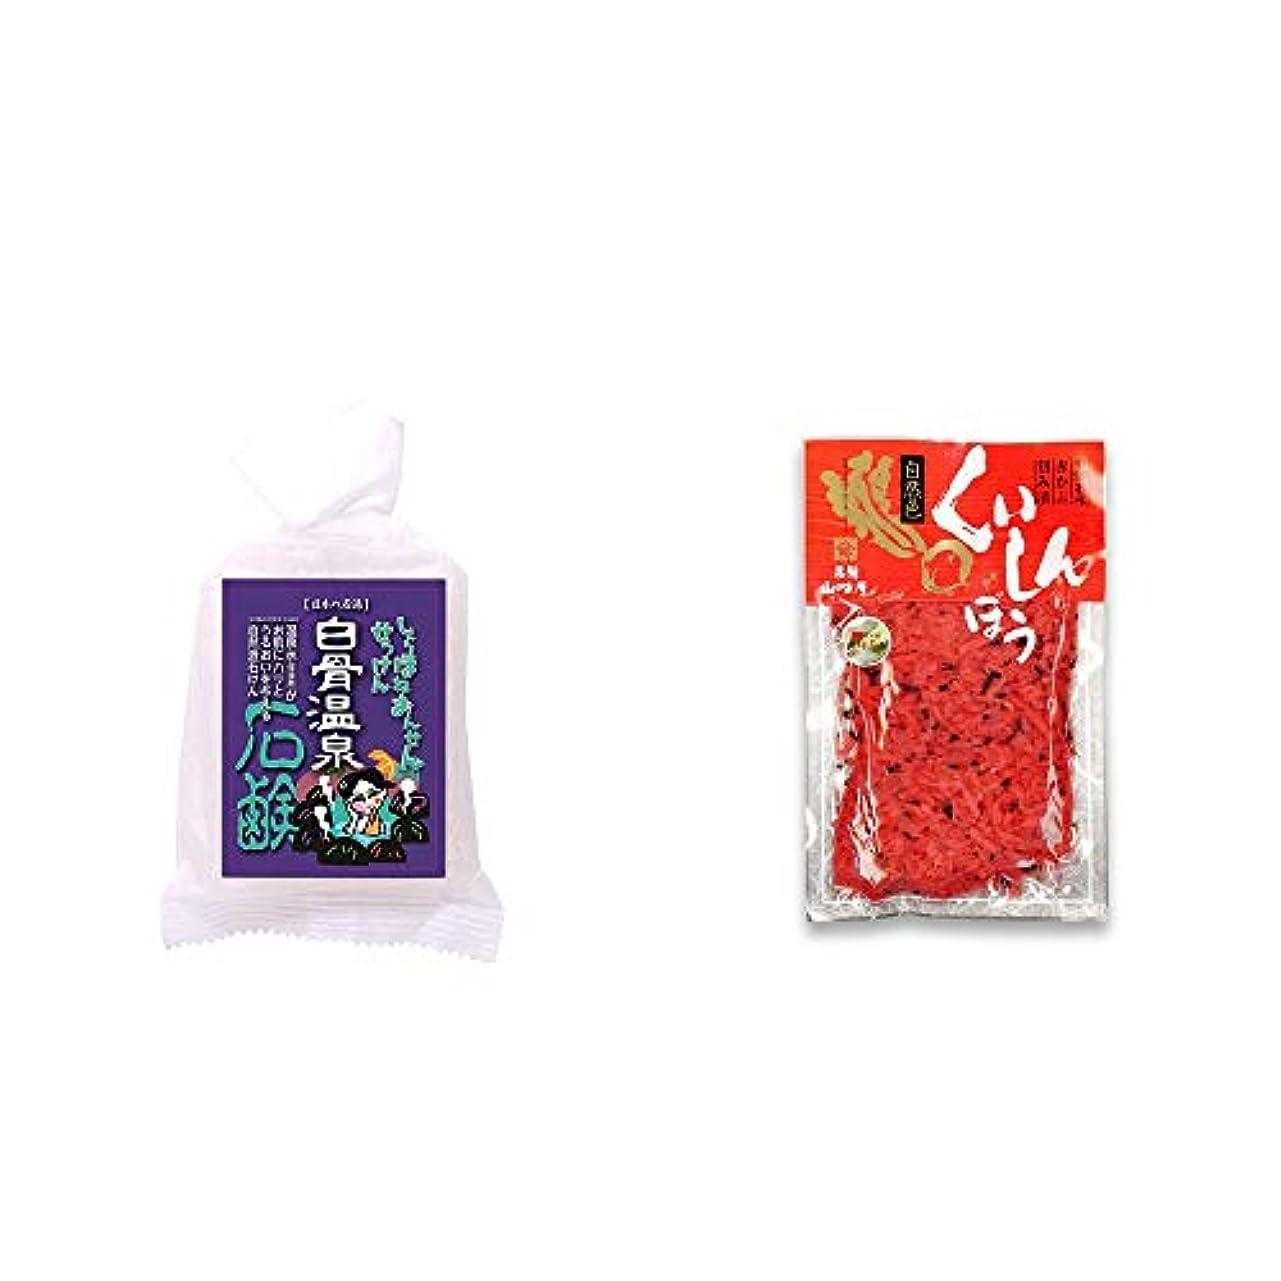 香港倒産たぶん[2点セット] 信州 白骨温泉石鹸(80g)?飛騨山味屋 くいしんぼう【小】 (160g)